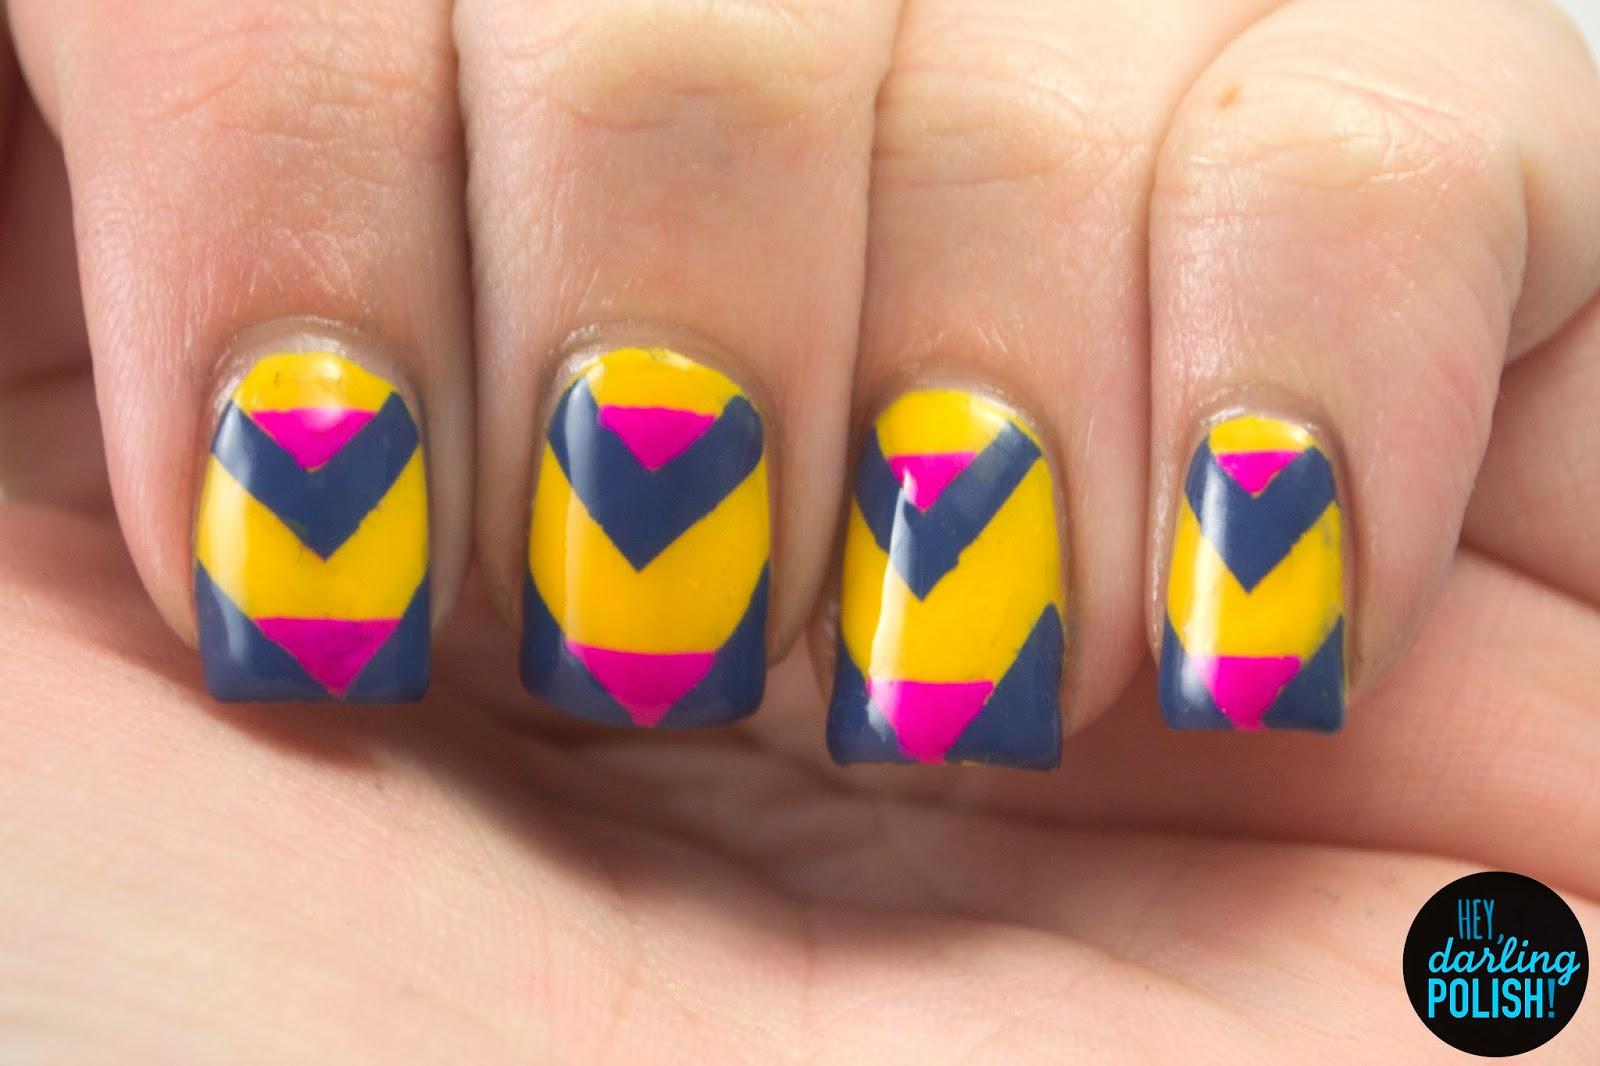 nails, nail art, nail polish, polish, yellow, pink, blue, hey darling polish, chevron, tri polish challenge